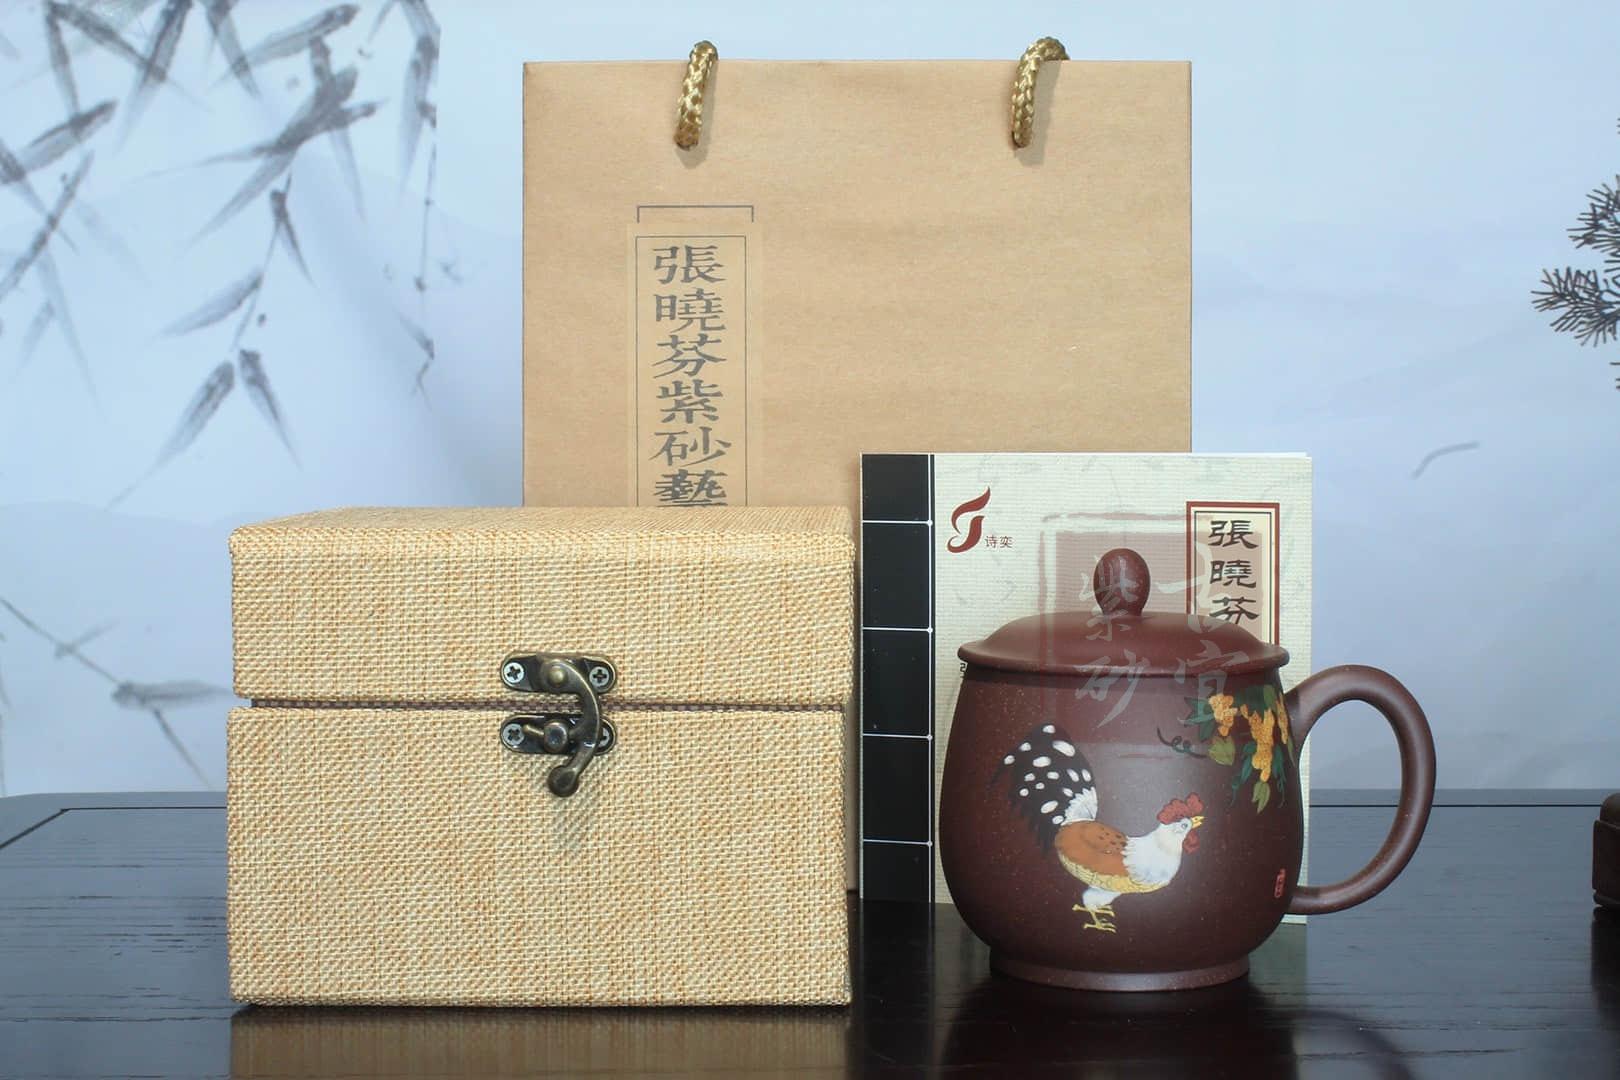 《生肖杯》紫砂茶杯中容量带盖盖杯手工茶具泡茶壶生肖鸡